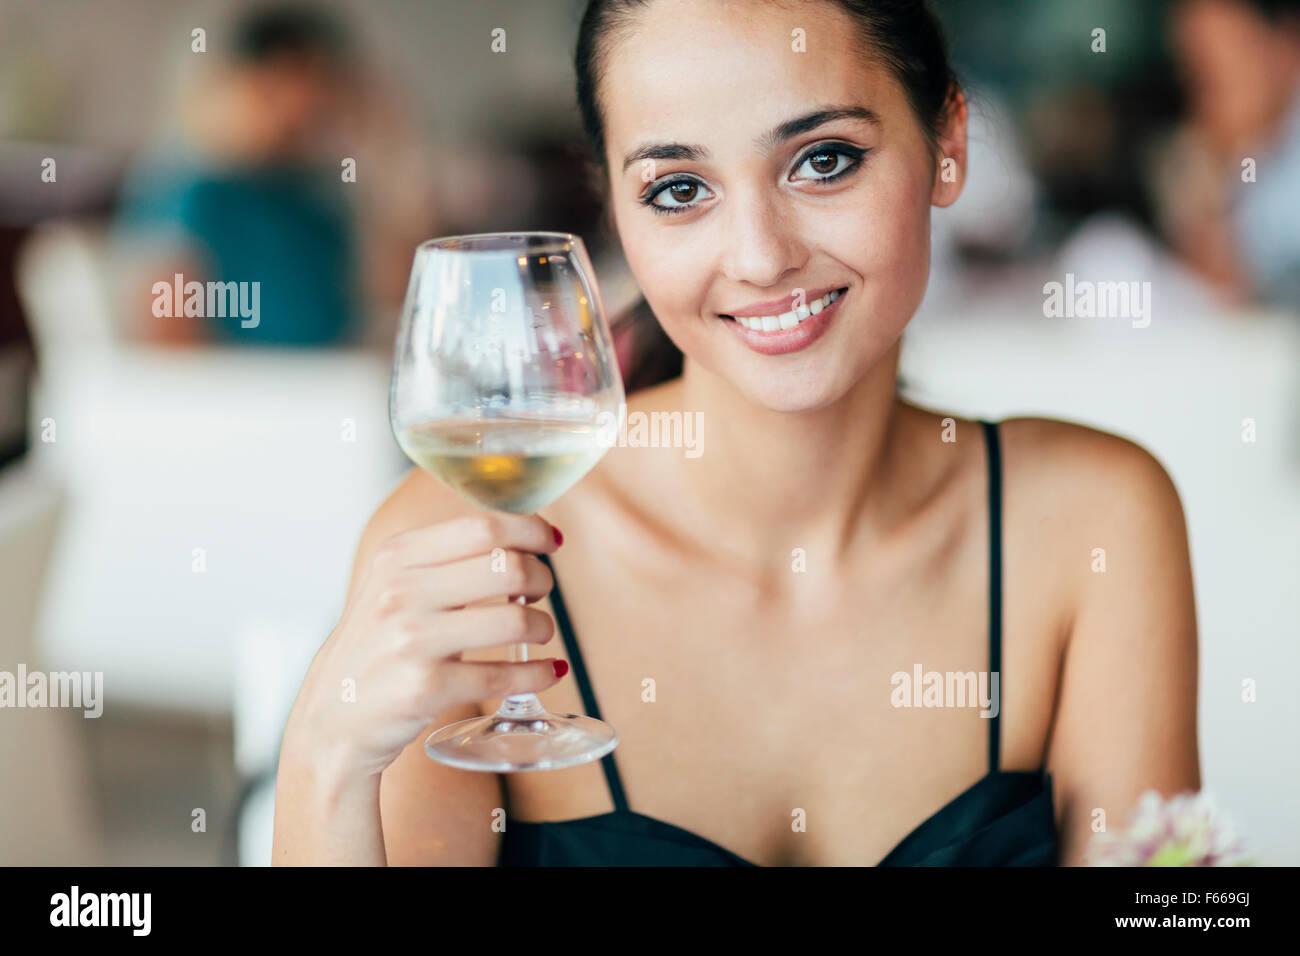 Frau weiß Weinproben im Restaurant und Glas entsprechend anheben Stockbild